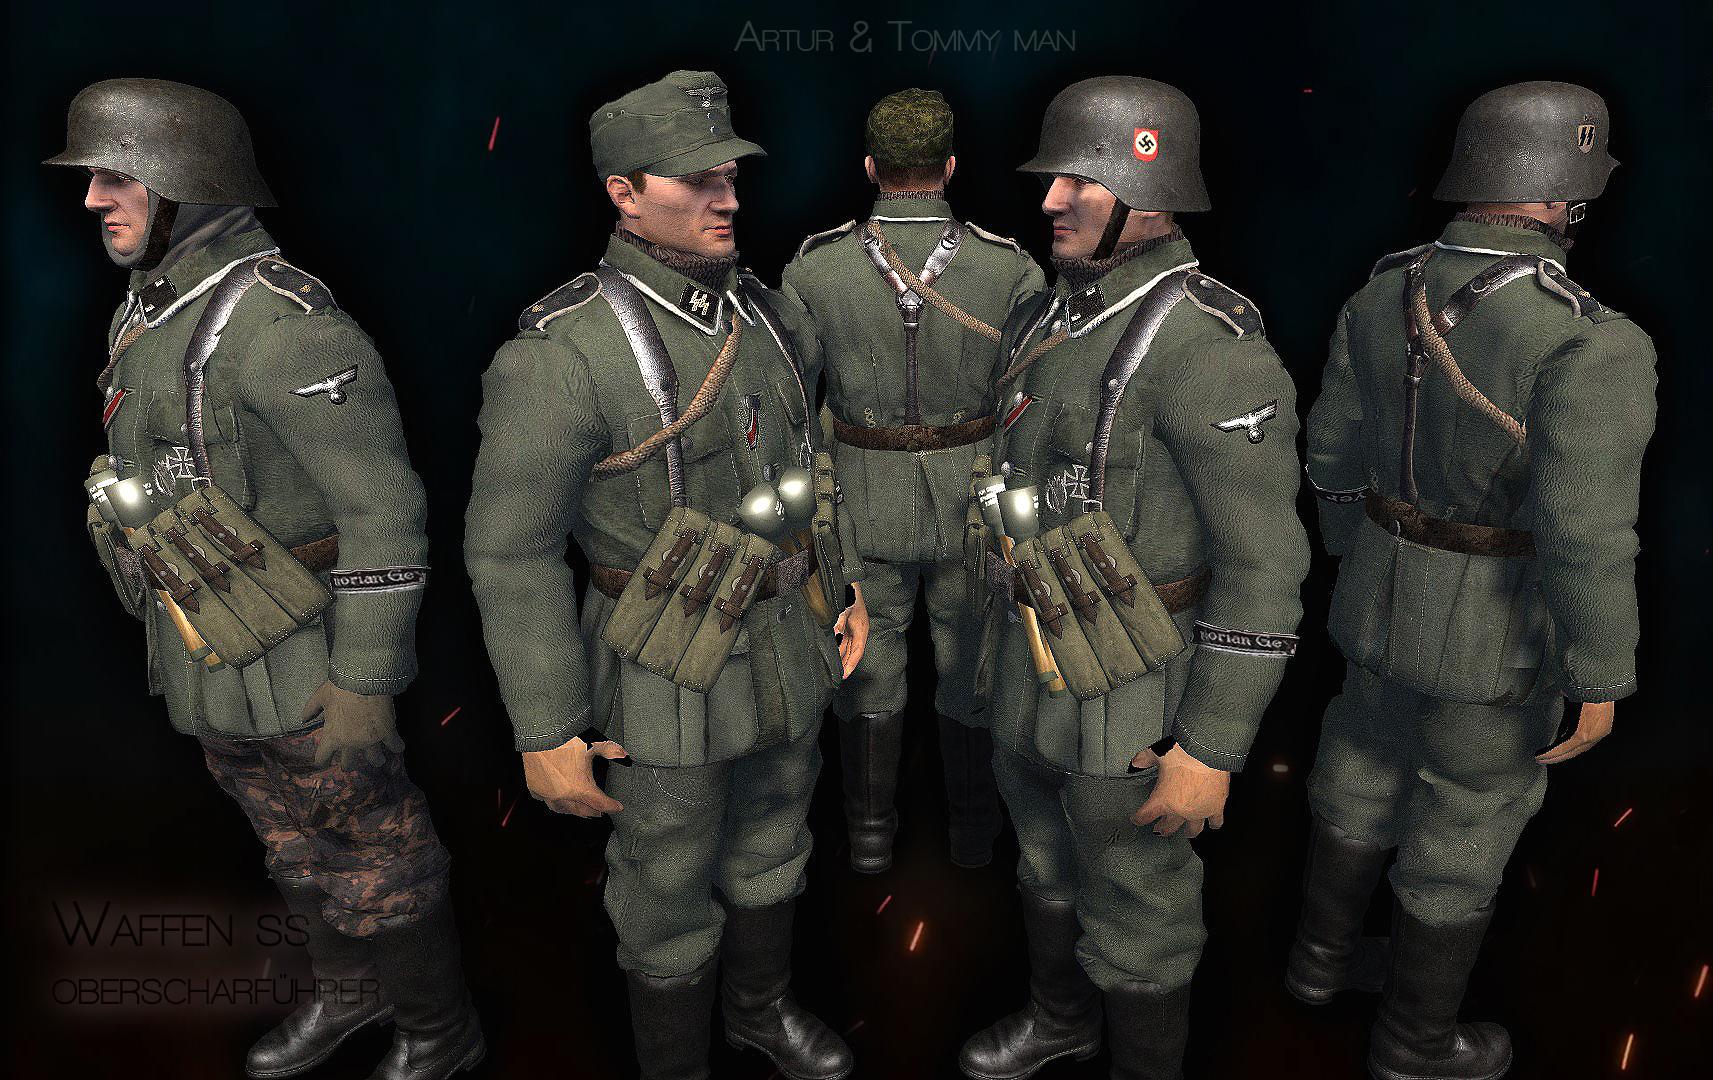 Waffen SS,Oberscharführer,Budapest siege mod,Models